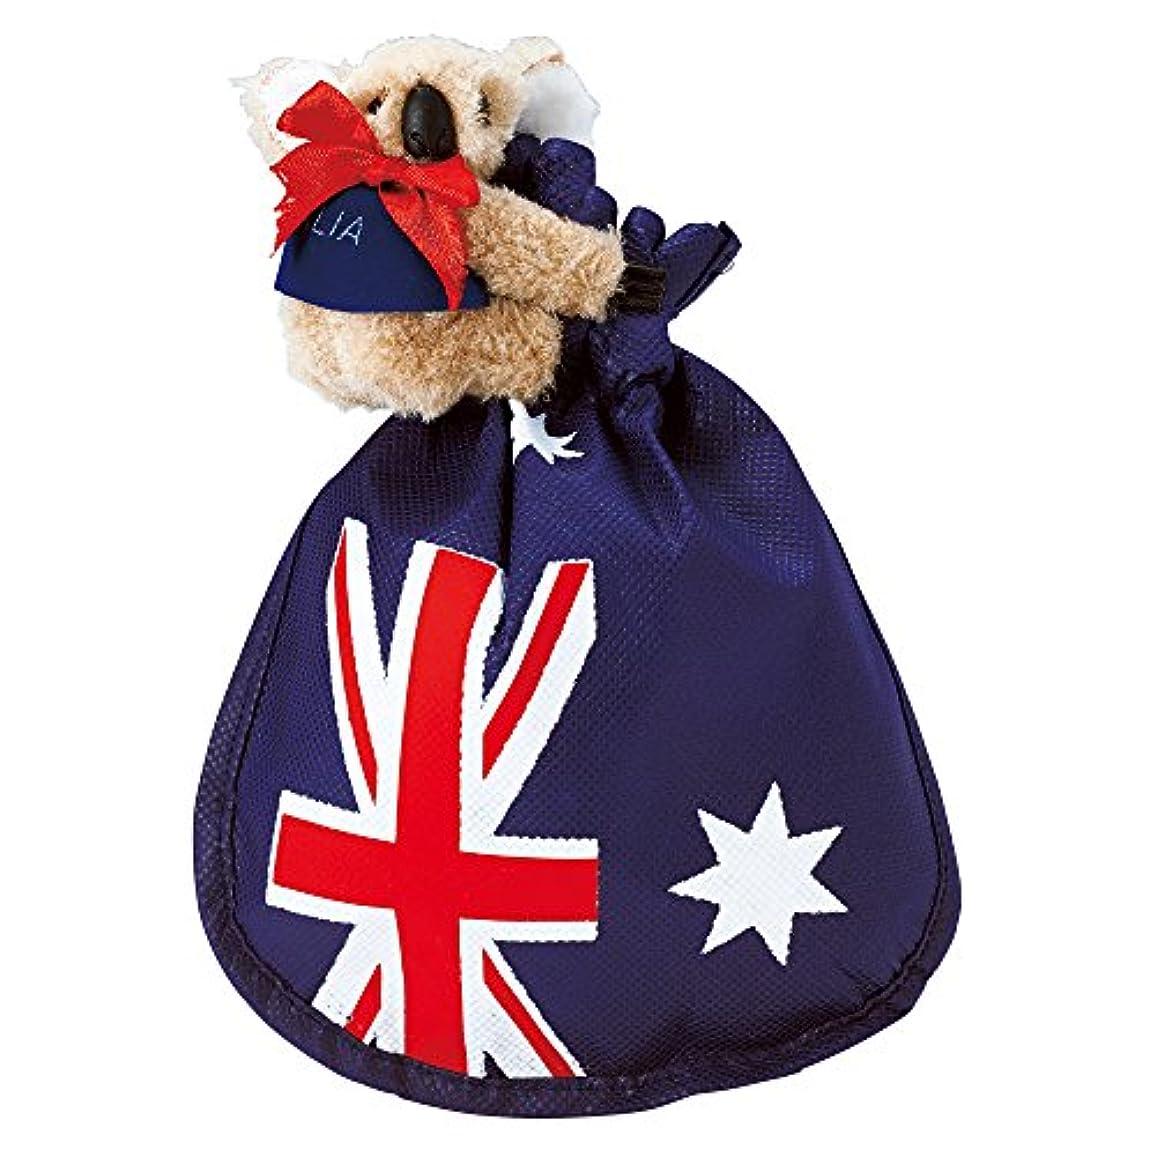 ばかげているスティーブンソン啓発するオーストラリアお土産 コアラクリップ付き マカデミアナッツ チョコレート